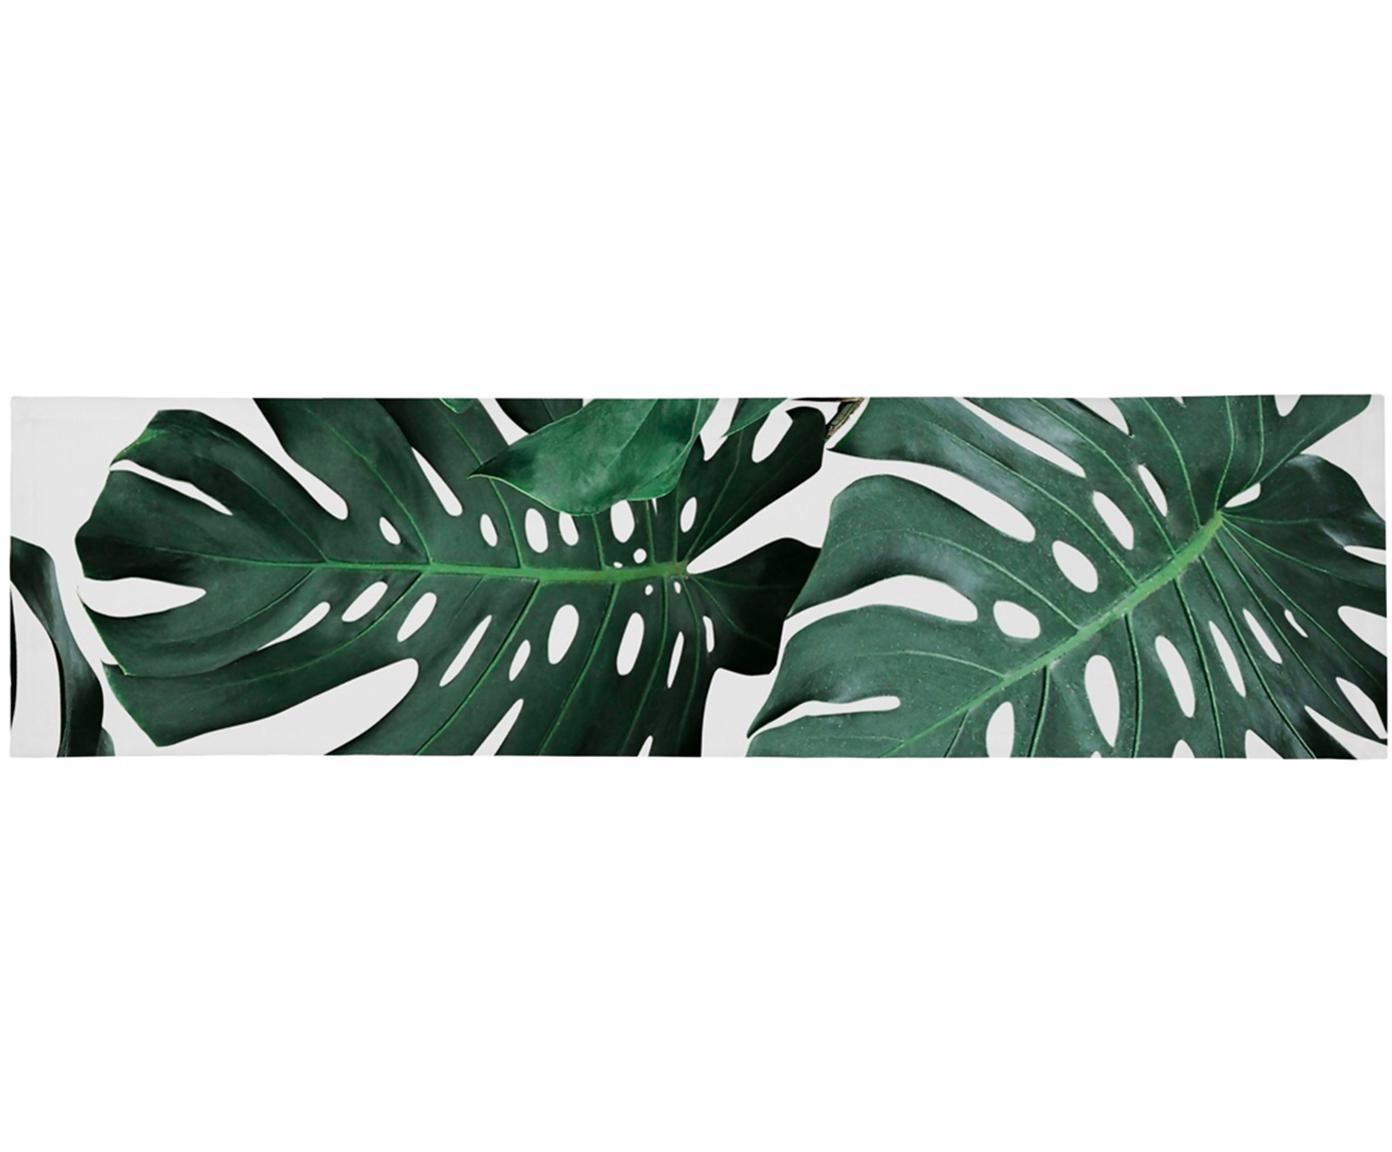 Tischläufer Monstera, Polyester, Grün, Weiß, 40 x 150 cm